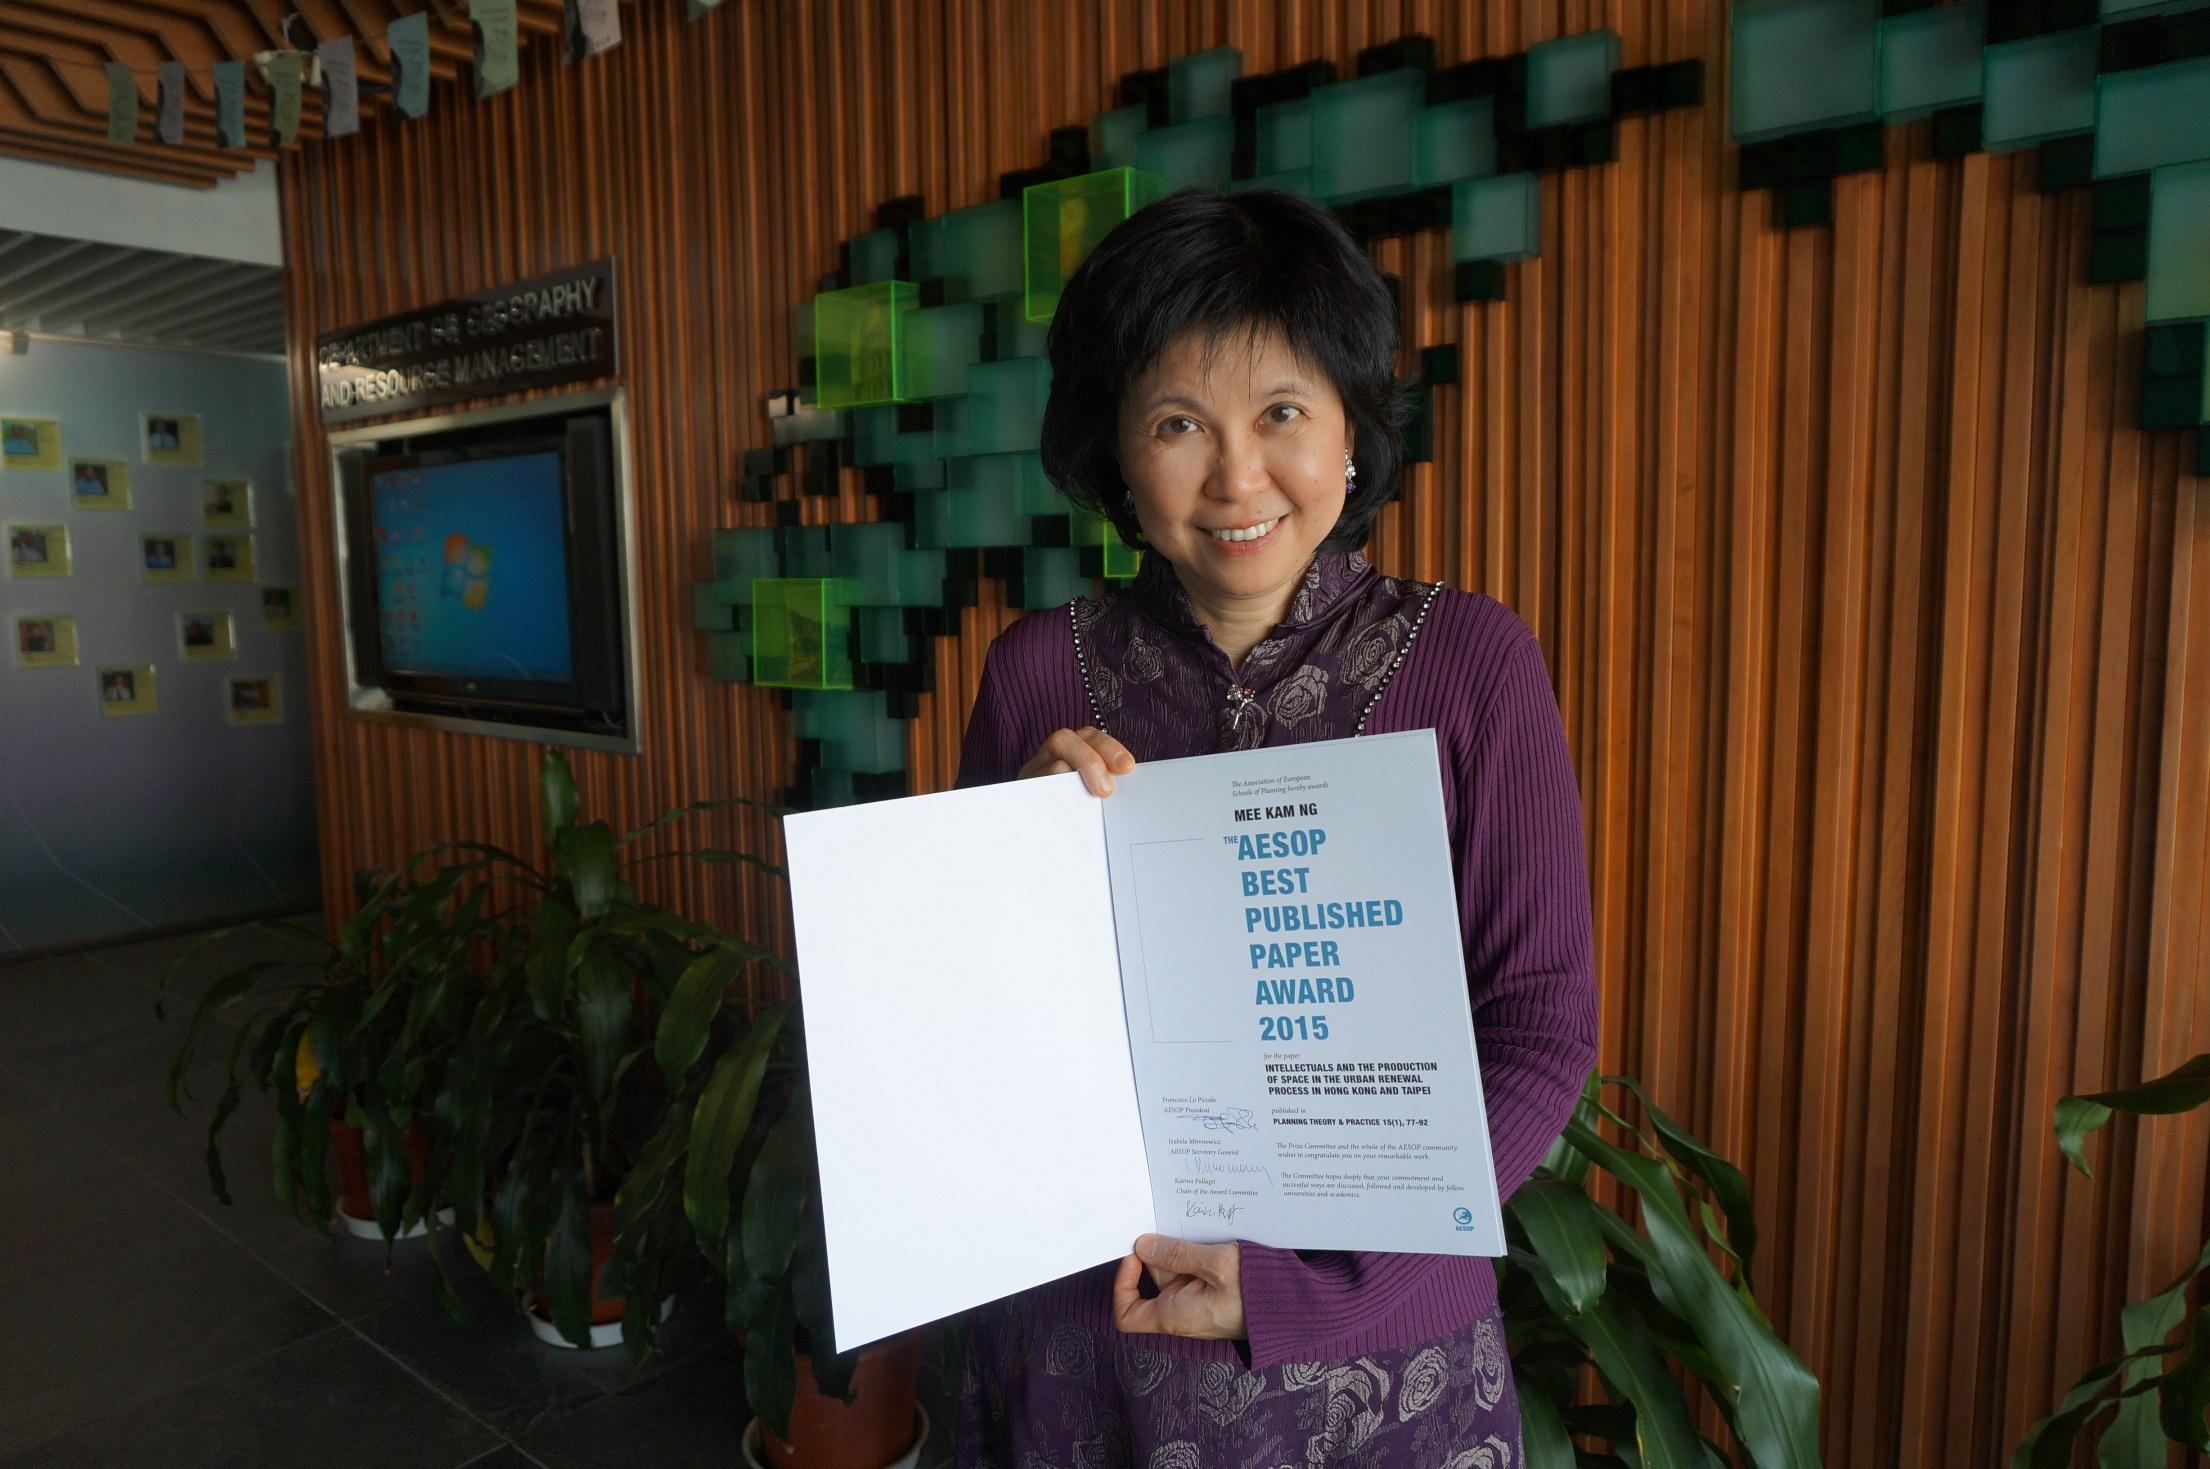 伍美琴教授憑論文《從香港到台北,探究知識份子在空間使用及市區重建的角色》獲得歐洲規劃院校聯合會(AESOP)的「2015年最佳論文獎」。